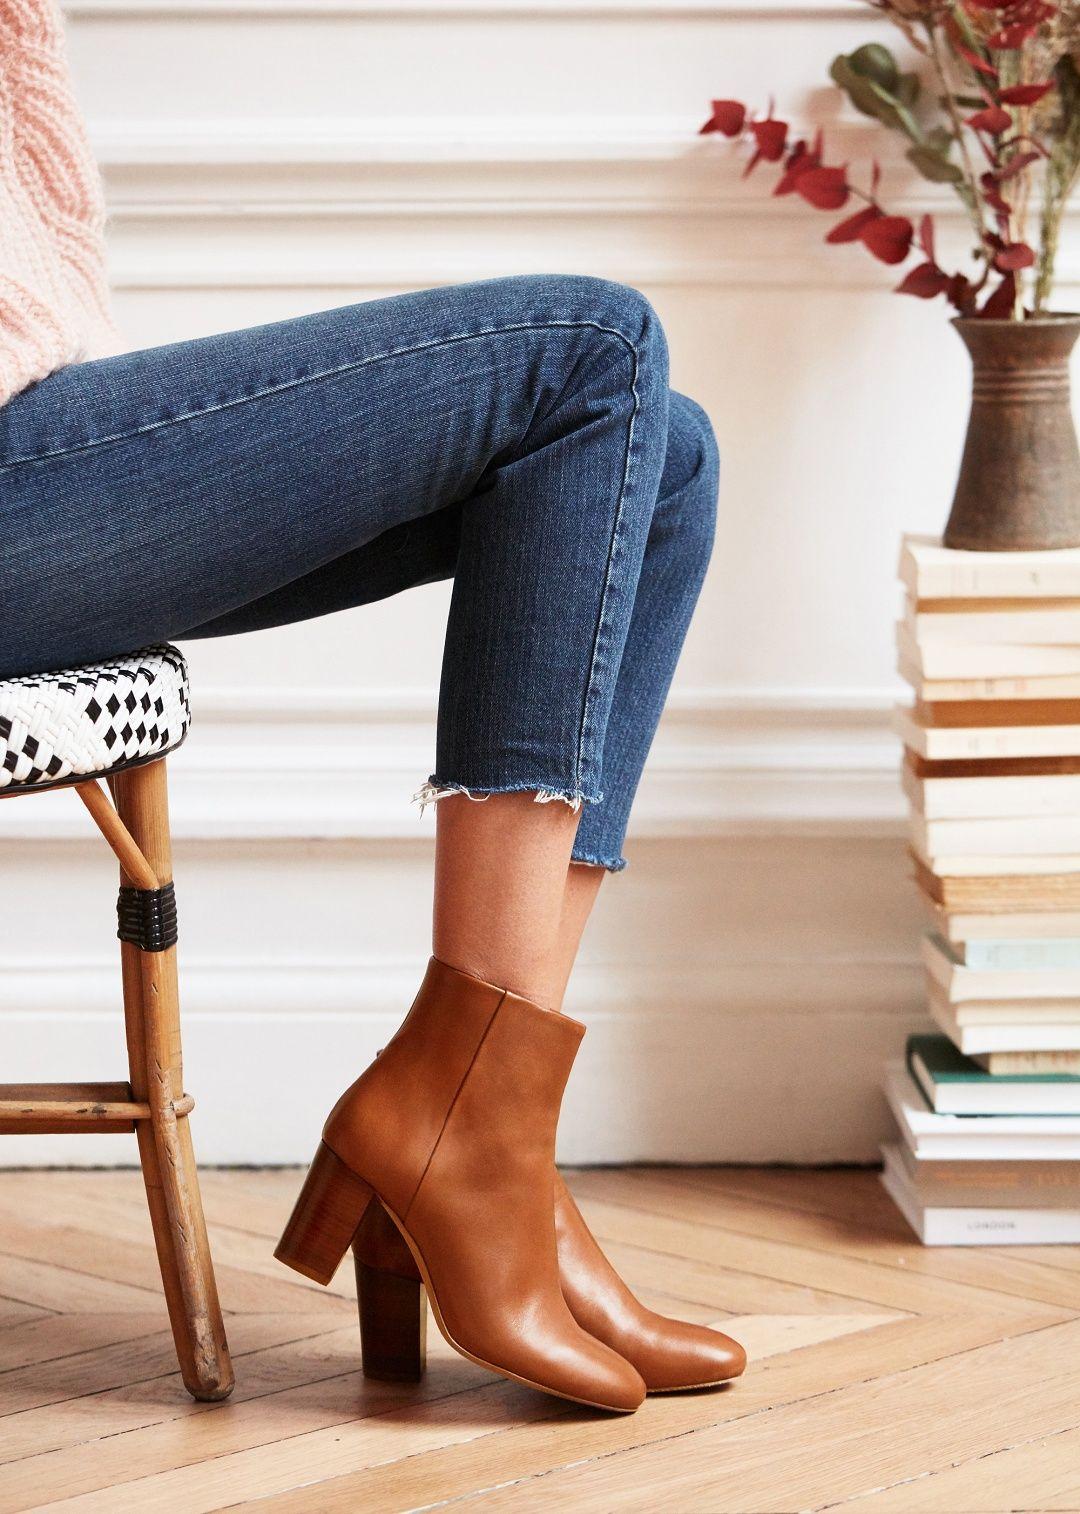 23807a1a595d Sézane - Léa Boots | REINVENT. | Boots, Fashion, Sezane clothing